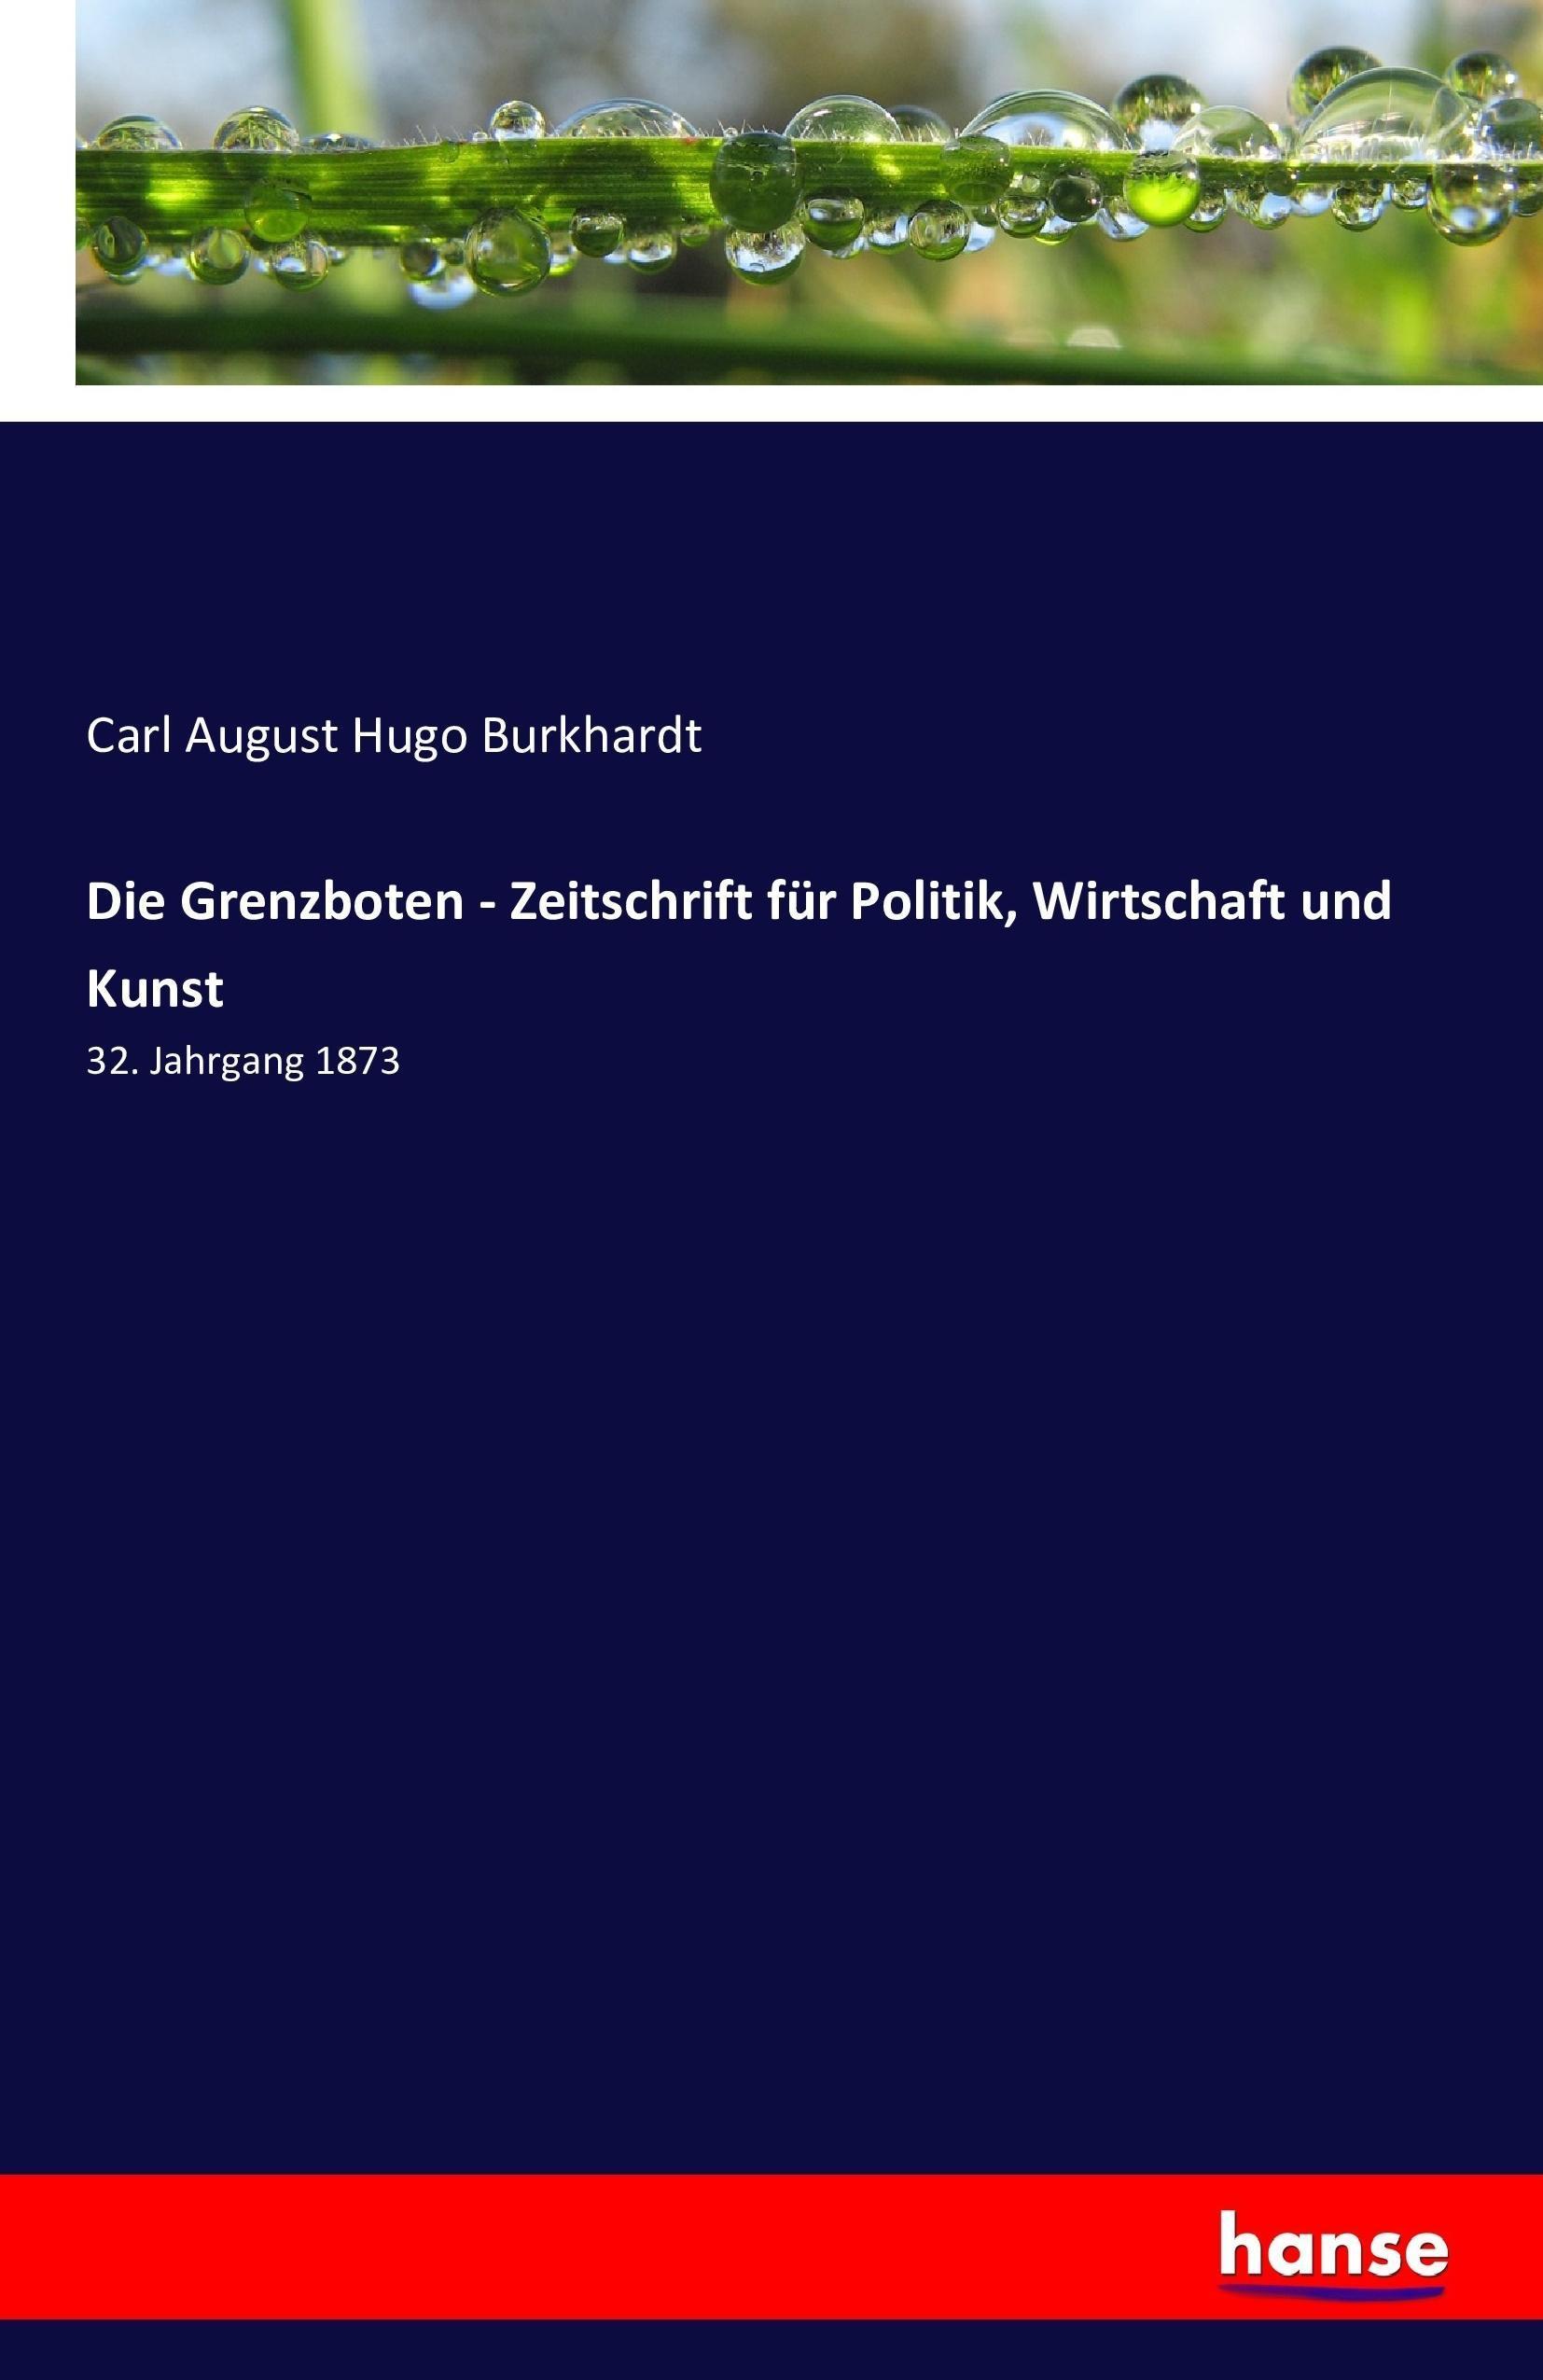 Die Grenzboten - Zeitschrift für Politik, Wirtschaft und Kun ... 9783741199233